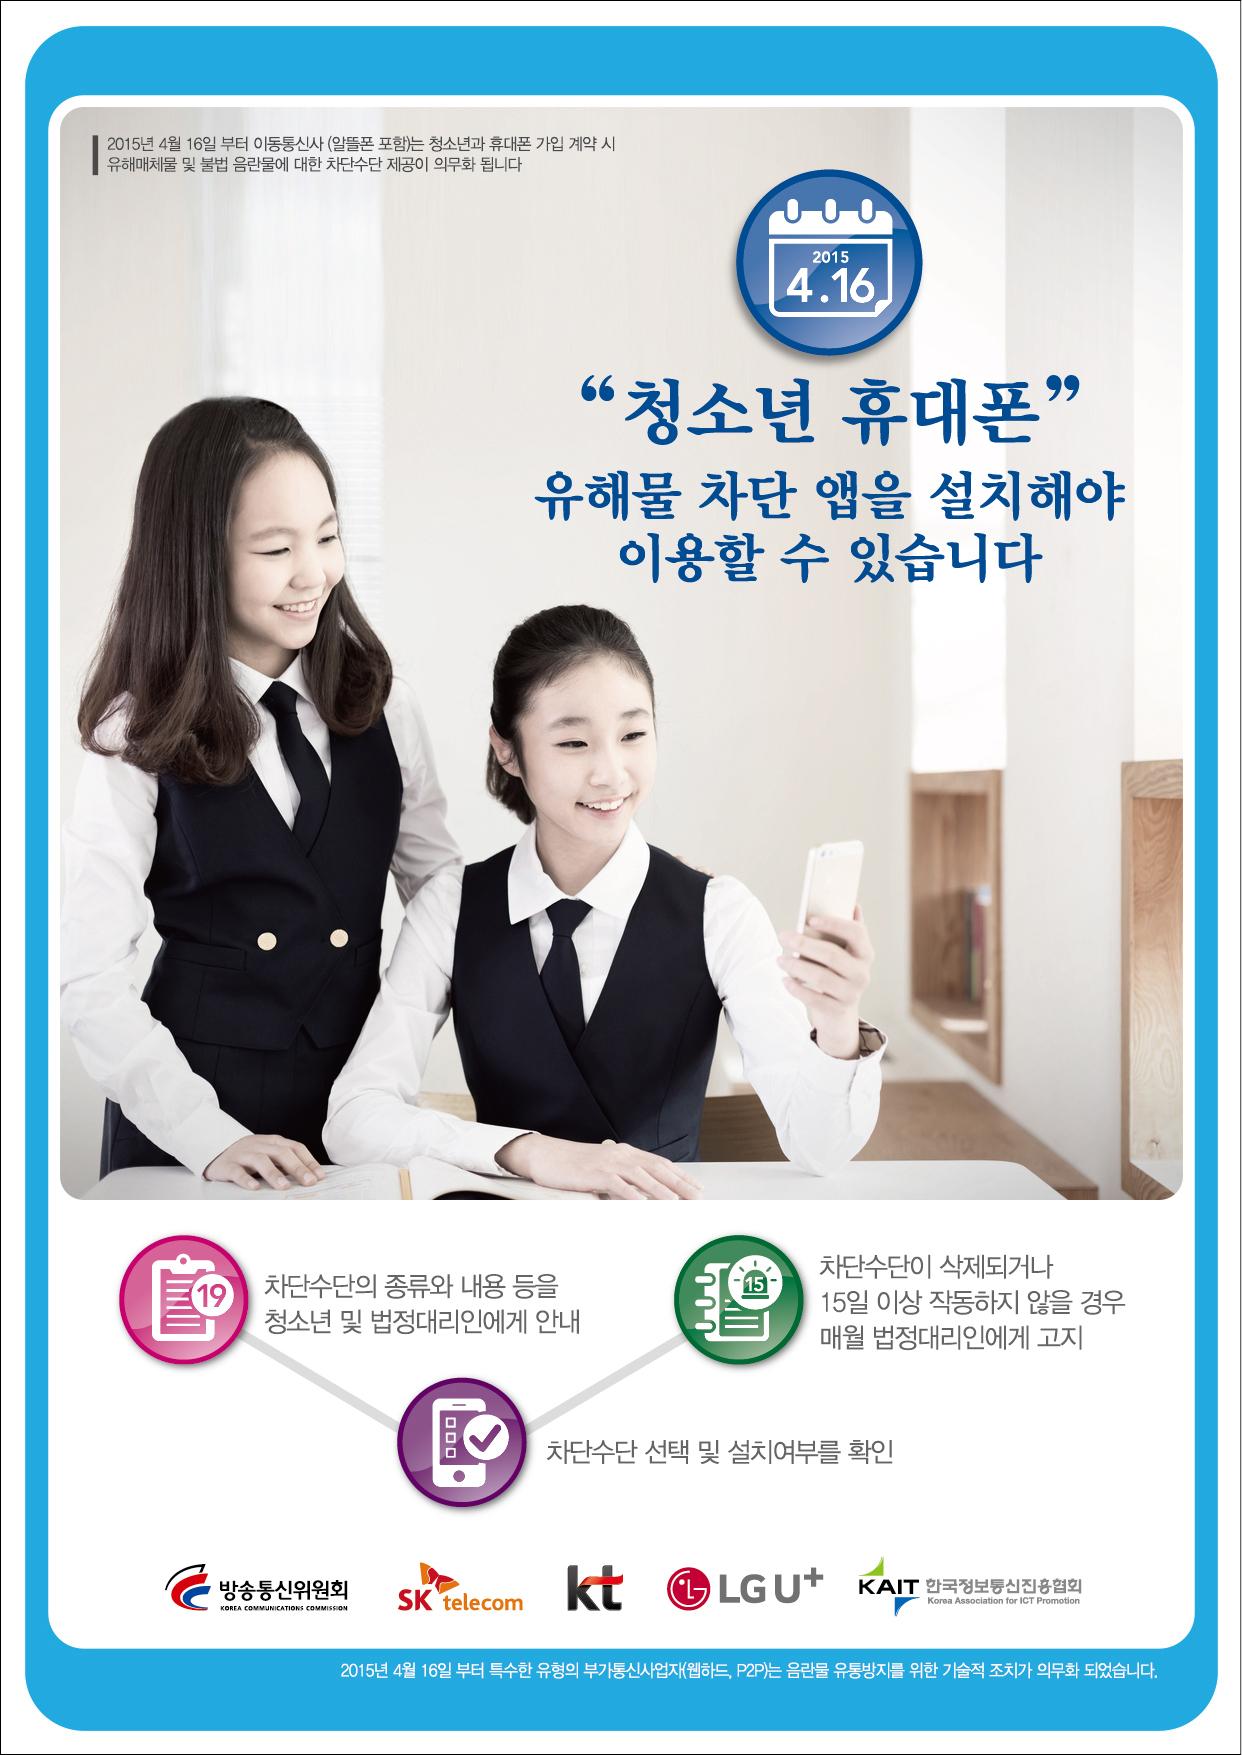 경기도교육청 특성화교육과_유해정보차단 홍보포스터.jpg